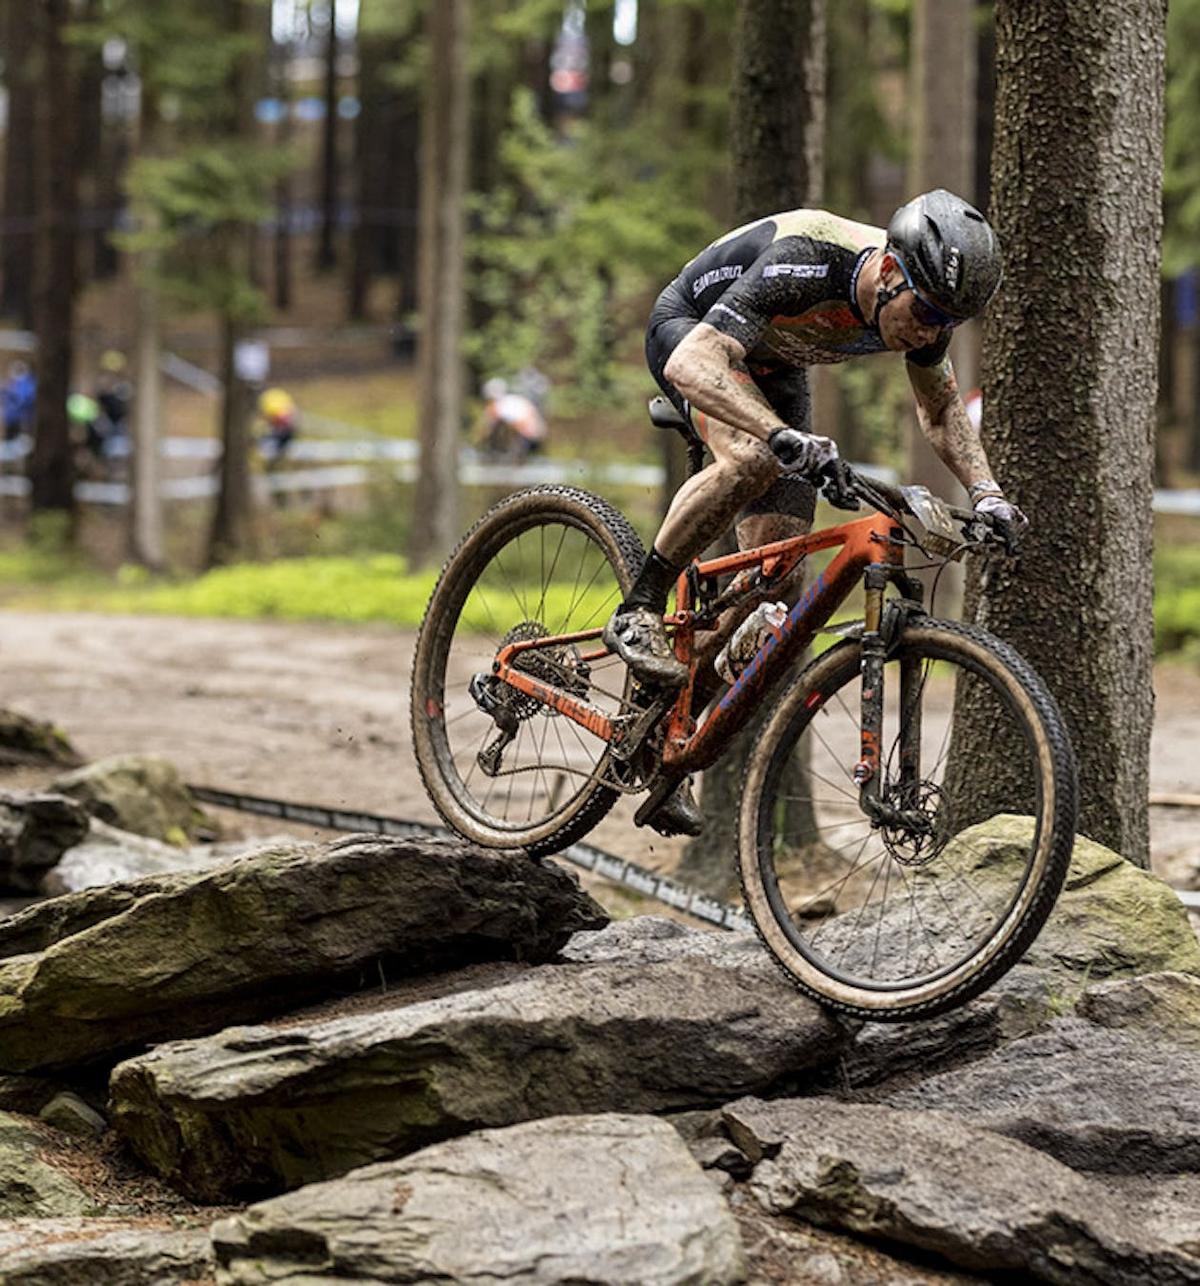 Maxime Marotte riding the Blur over a rock garden